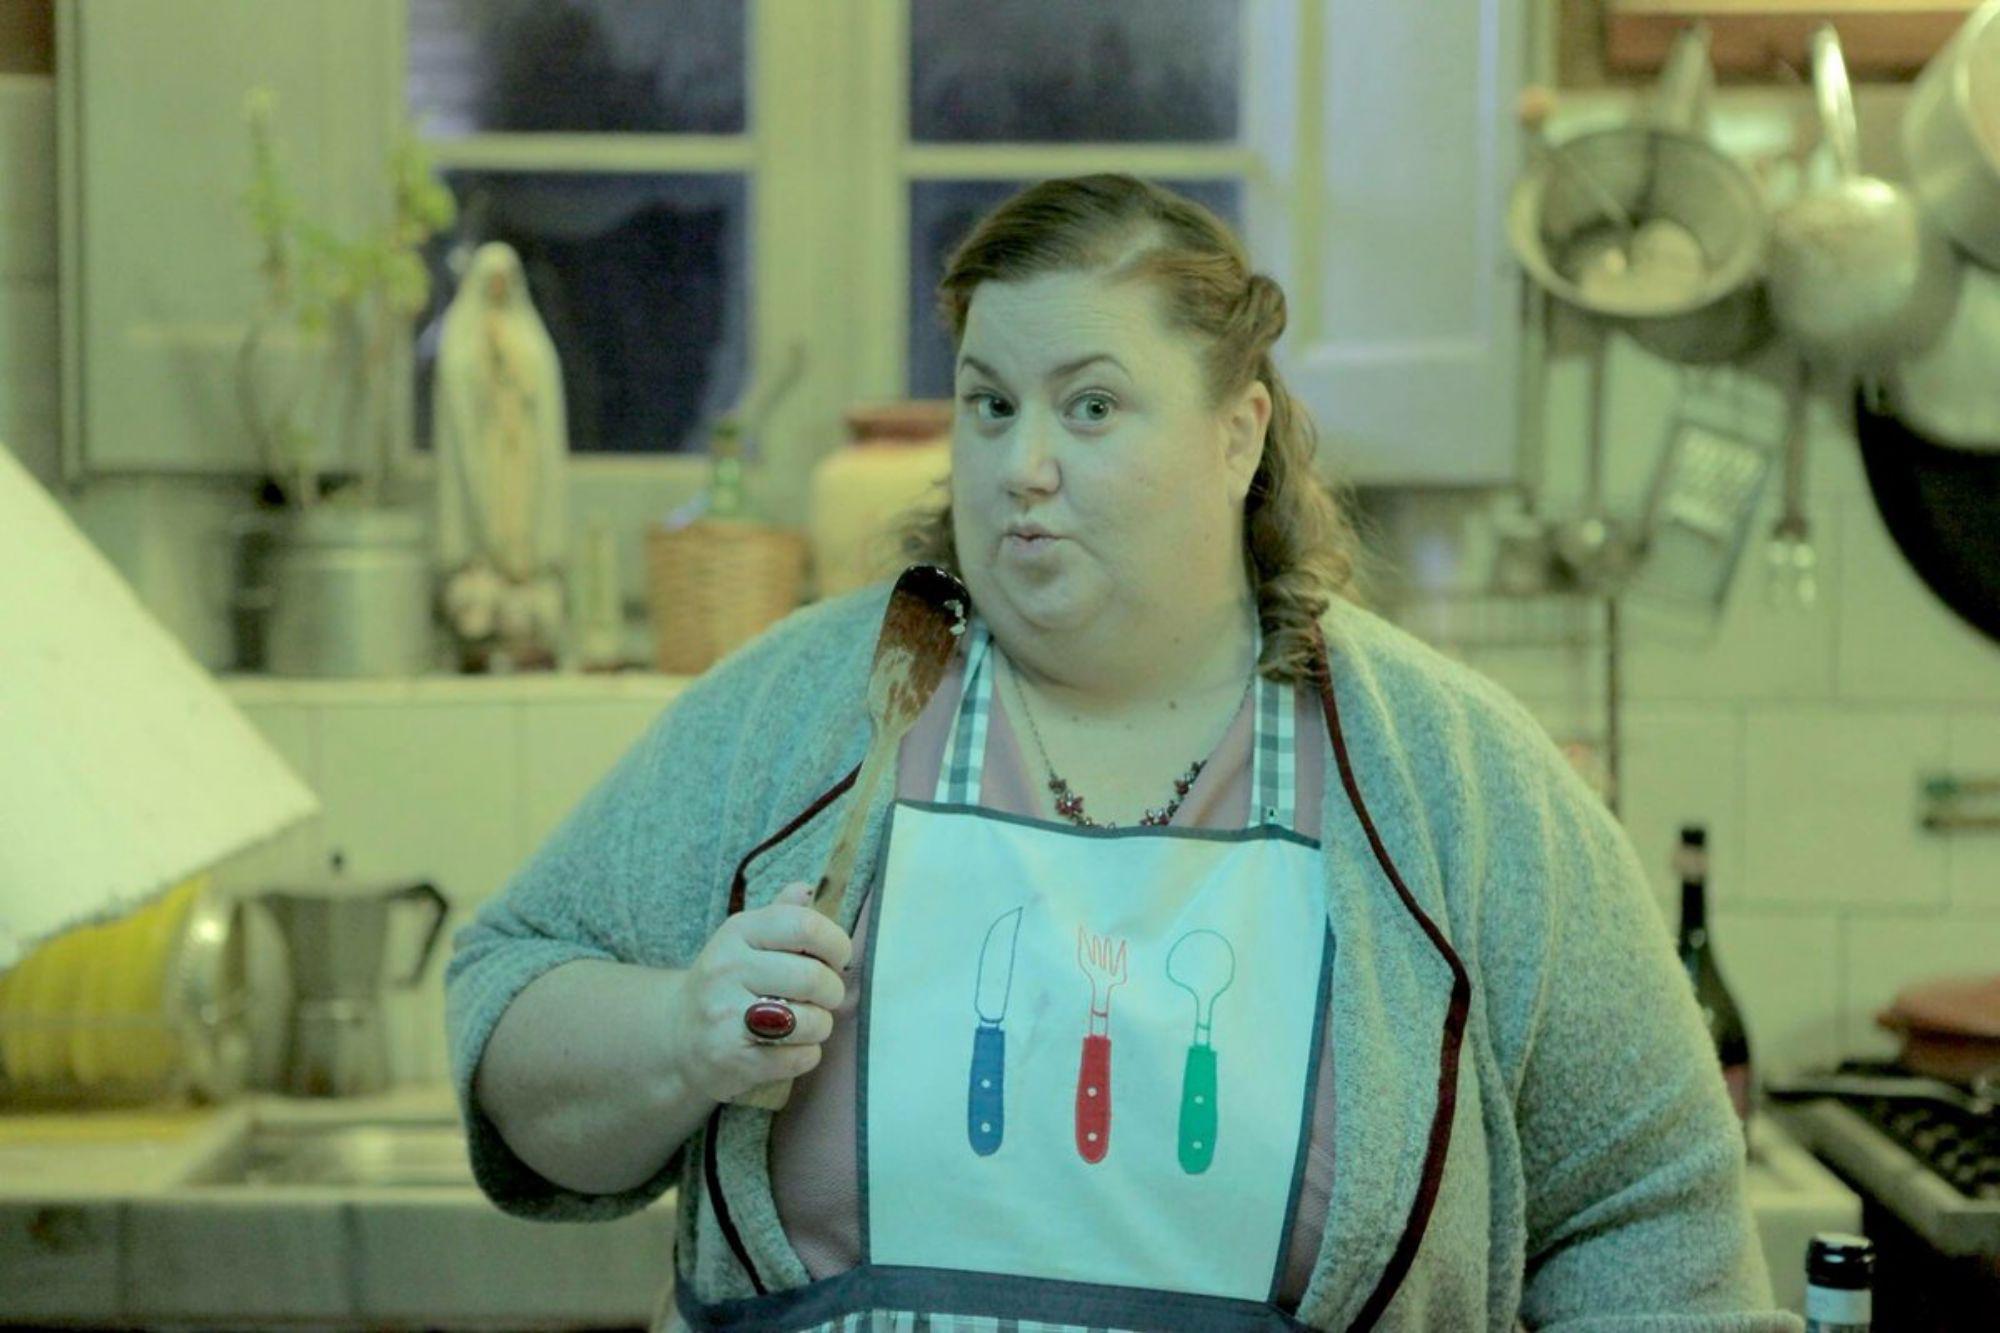 En la película 'Matar a Dios' se habla de una cena de fin de año donde aparece Dios para estropearla. Foto: Facebook.